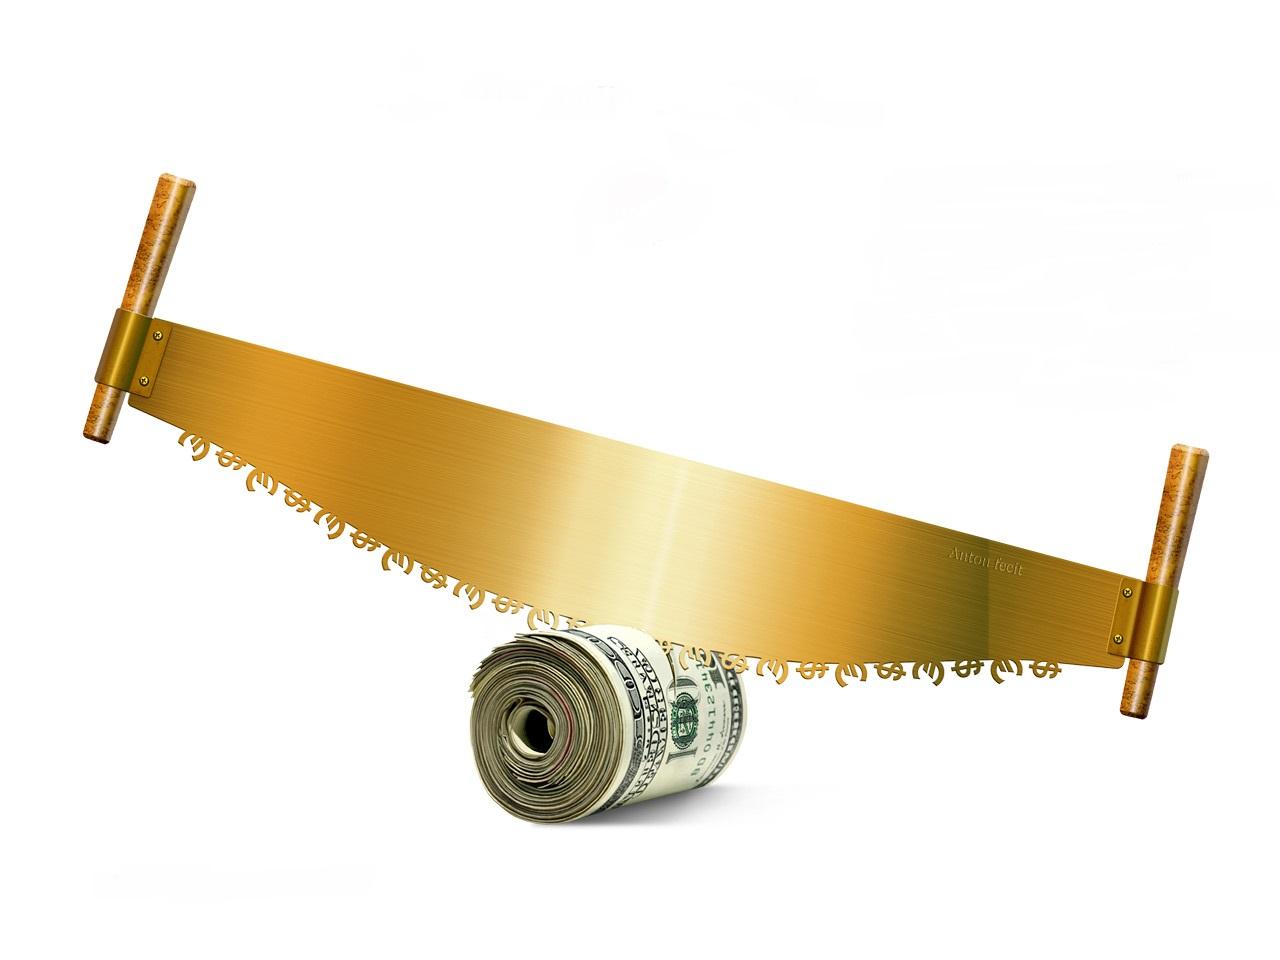 Как жить дальше, если у тебя на депозите 55 миллиардов. Бедная страна